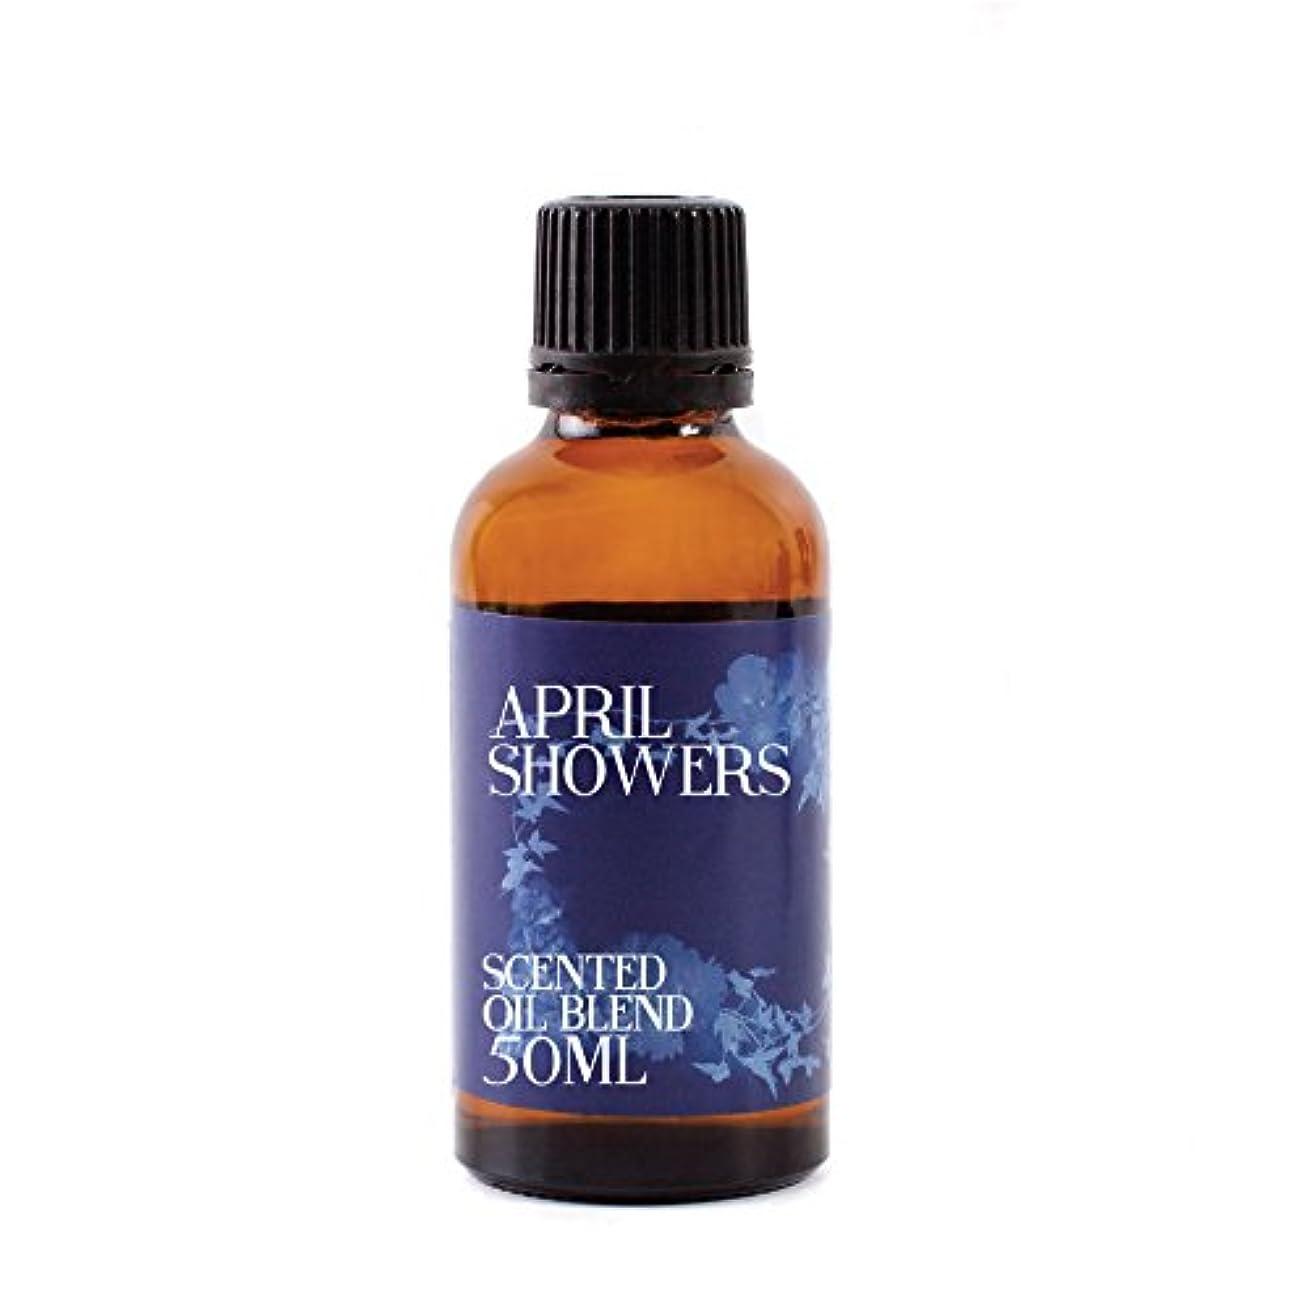 過言それにもかかわらずひどいMystic Moments | April Showers - Scented Oil Blend - 50ml